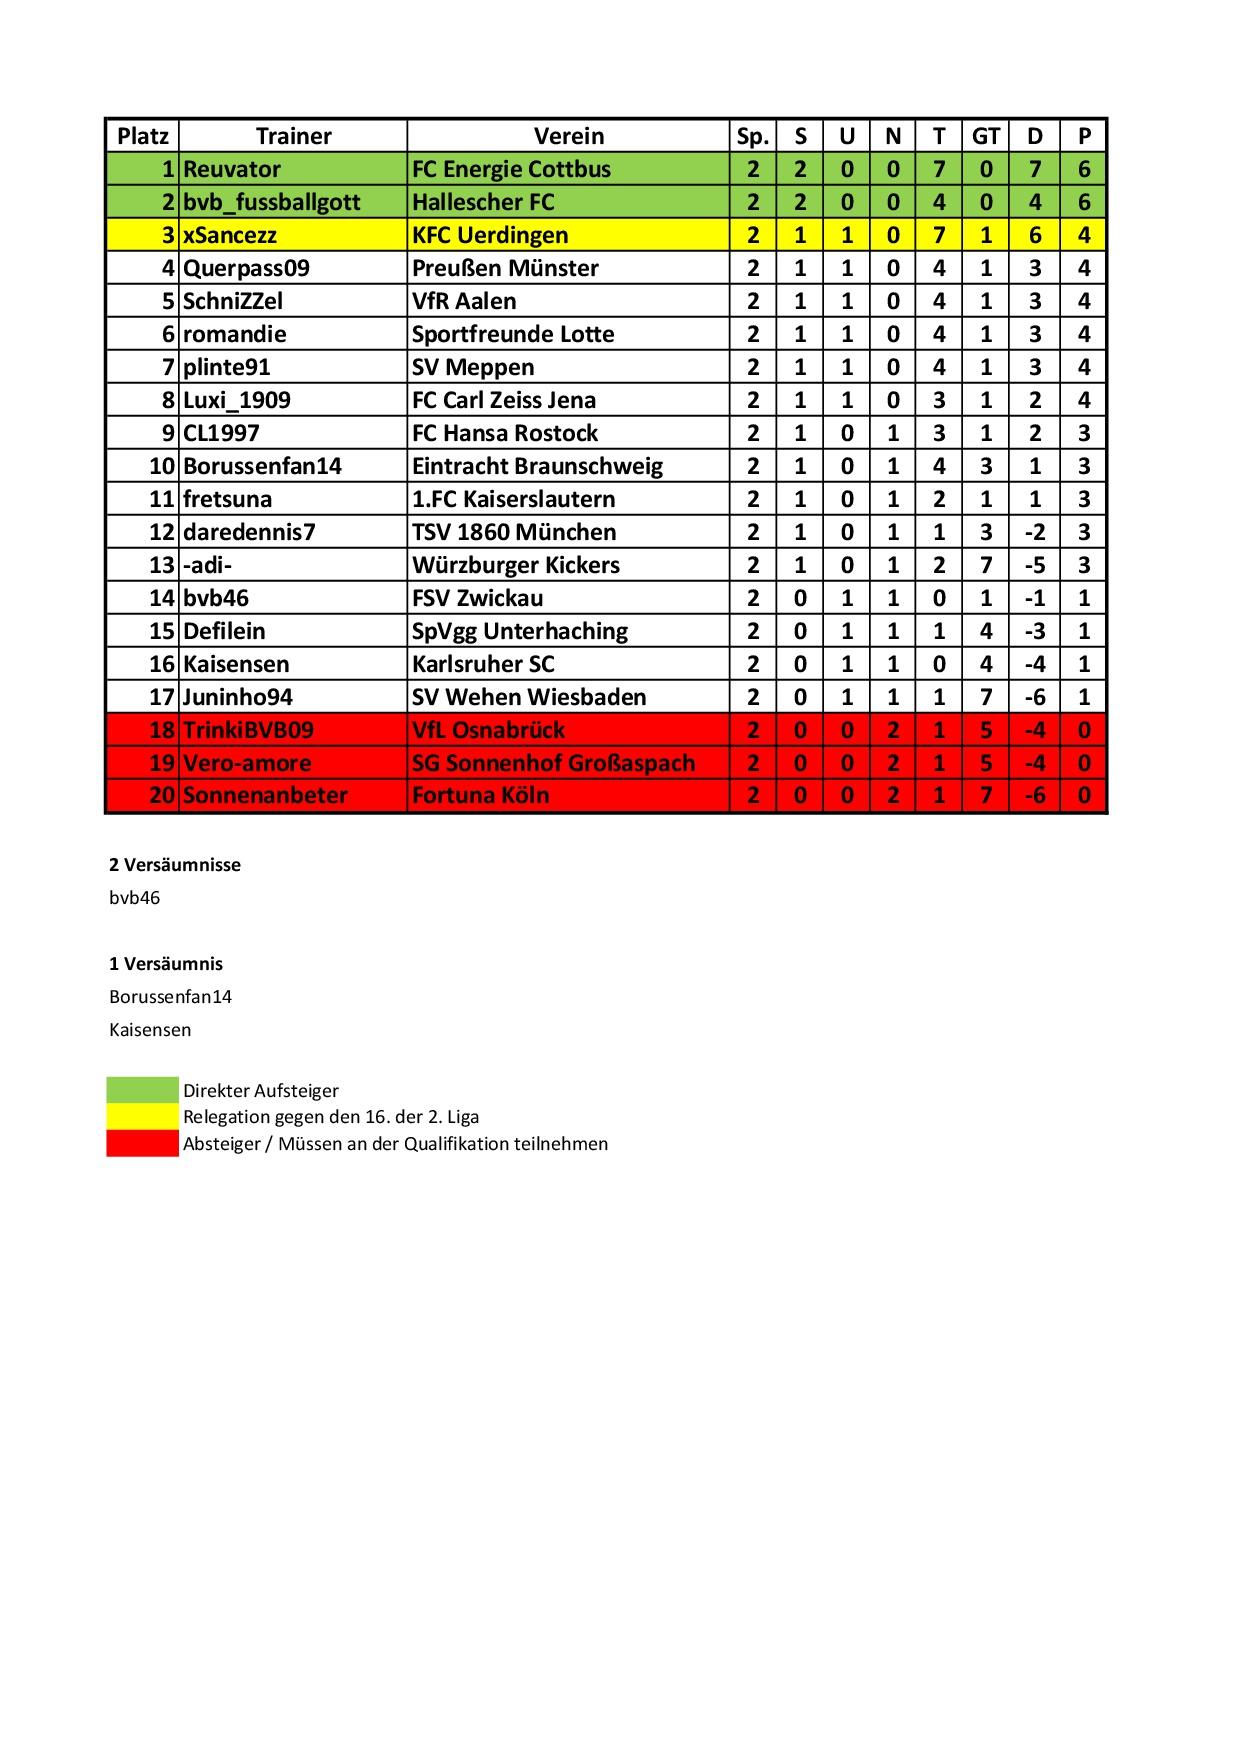 tabelle 3. liga 2019